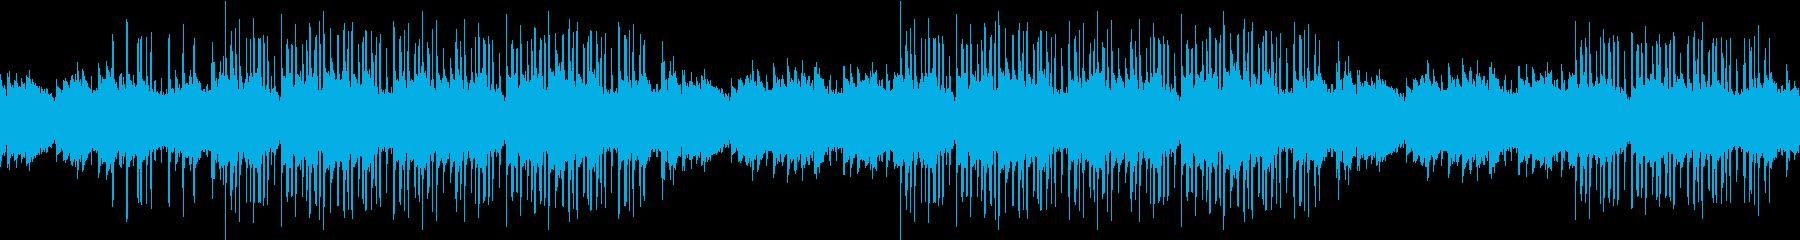 幻想的・オルガン・洋館・ホラー・ループの再生済みの波形